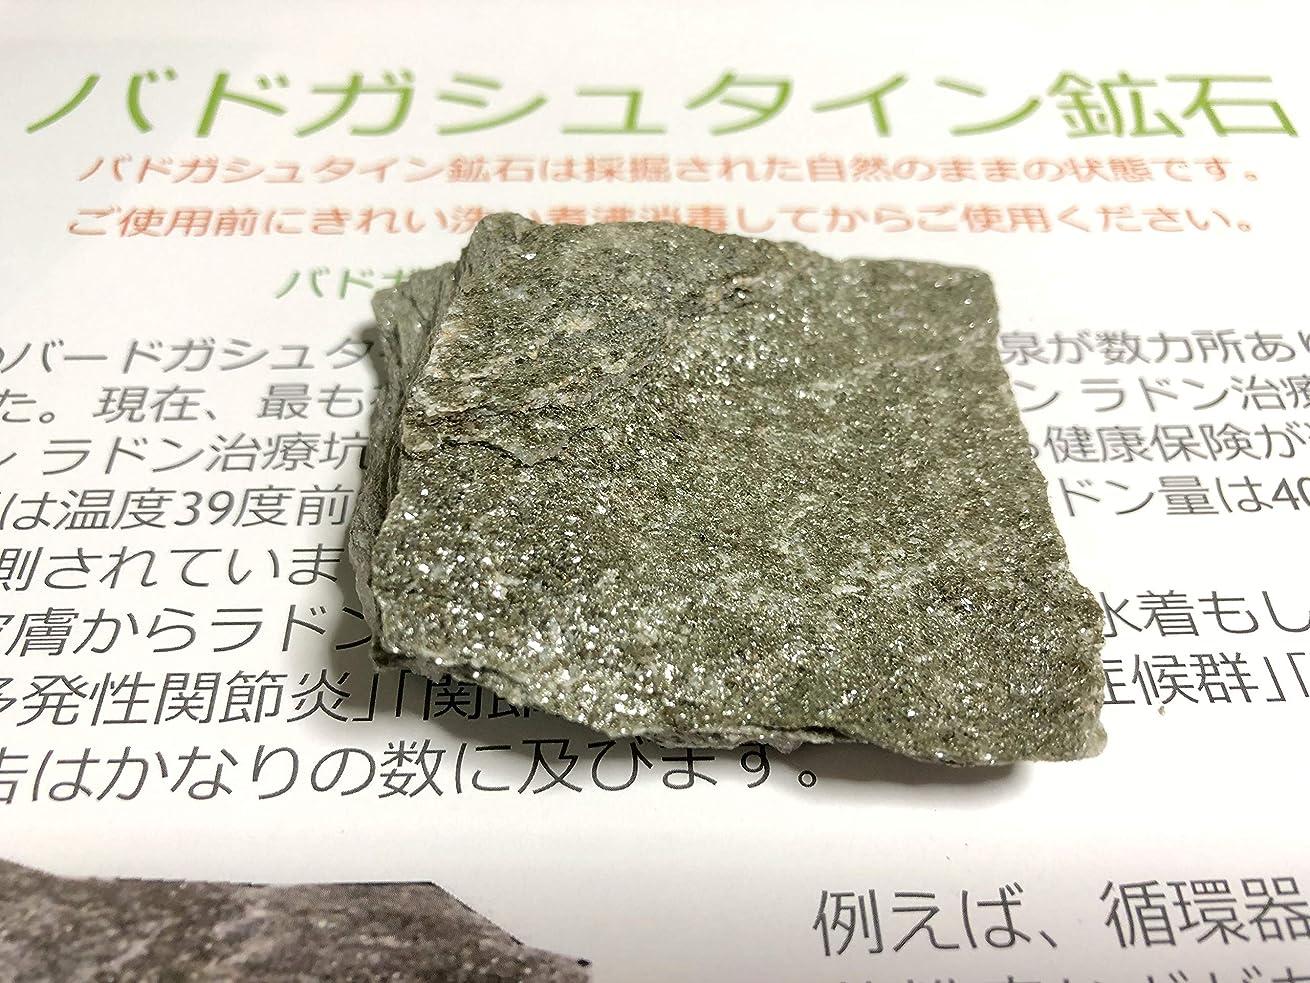 横器用ピカリングバドガシュタイン鉱石 クラス3 約1~4μSV/h未満 (約50g詰め)